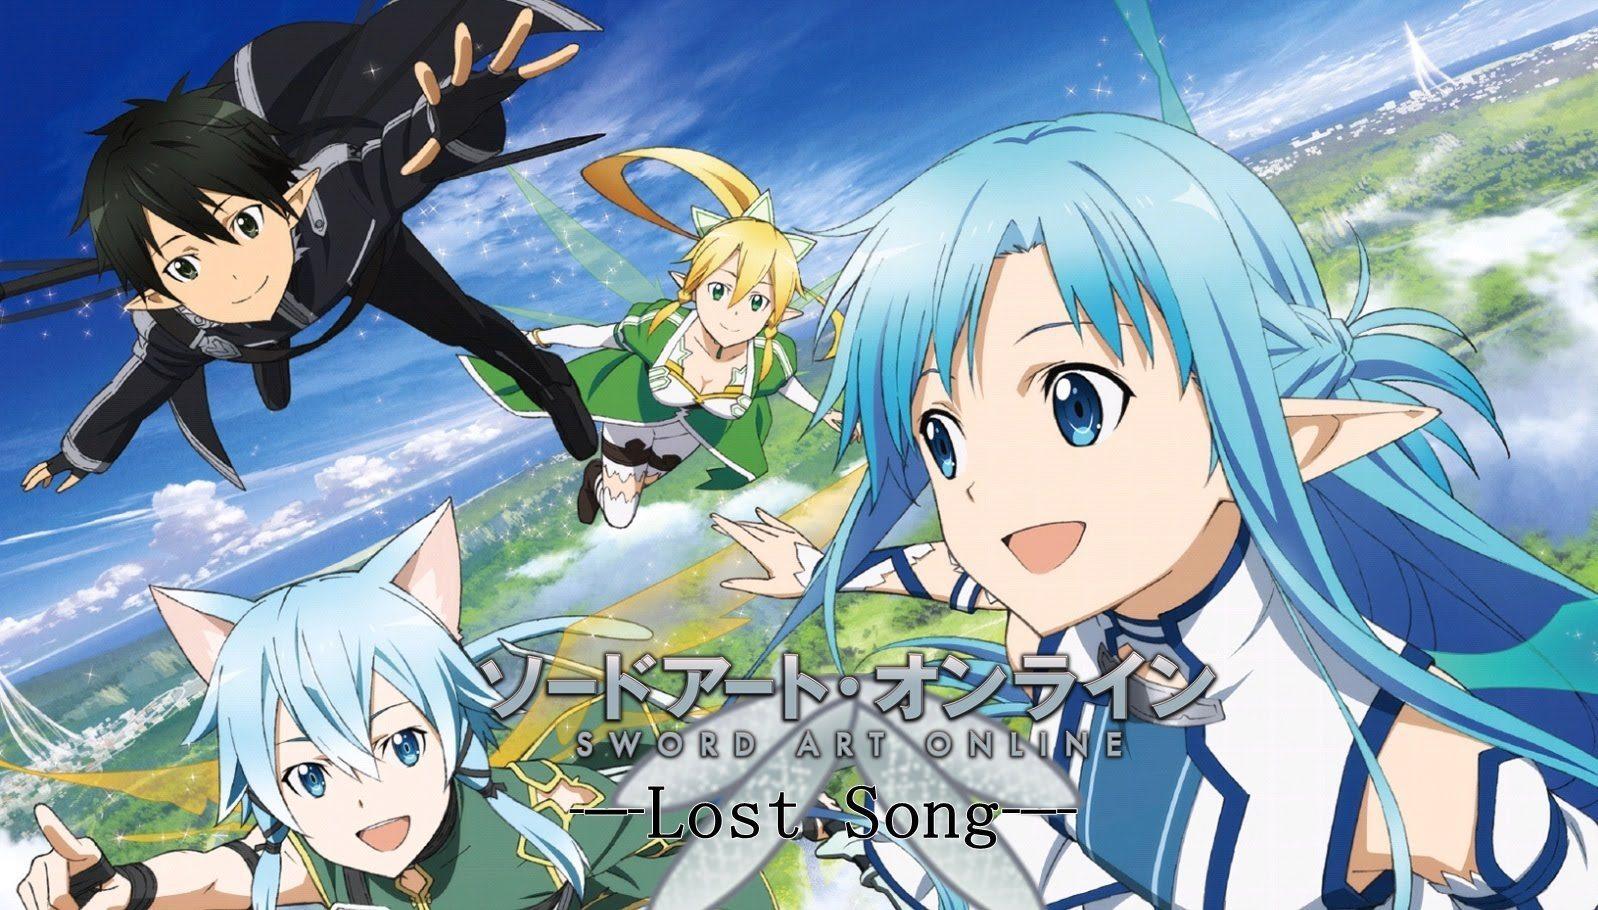 sword_art_online_lost_song